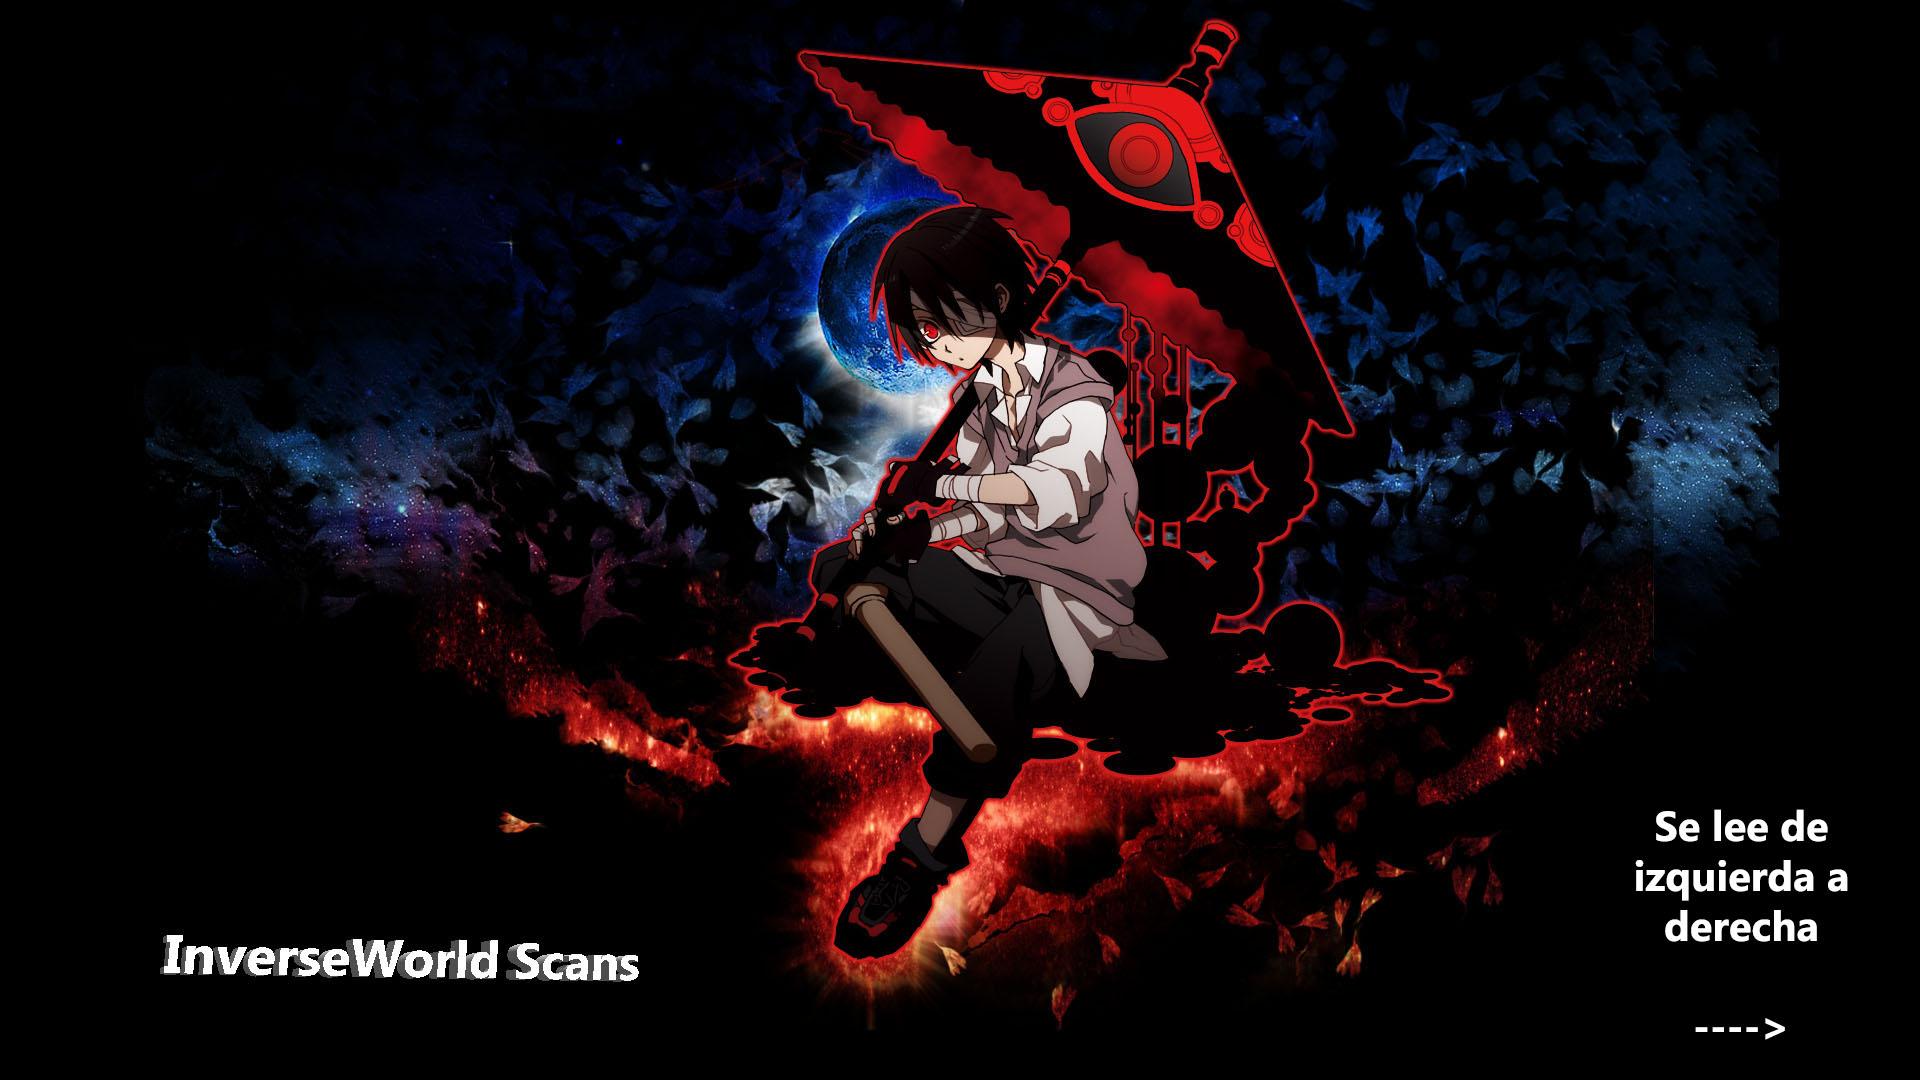 http://c5.ninemanga.com/es_manga/18/16210/415338/f00ca20f88ef7d8e844f1ceb79fa99e4.jpg Page 1